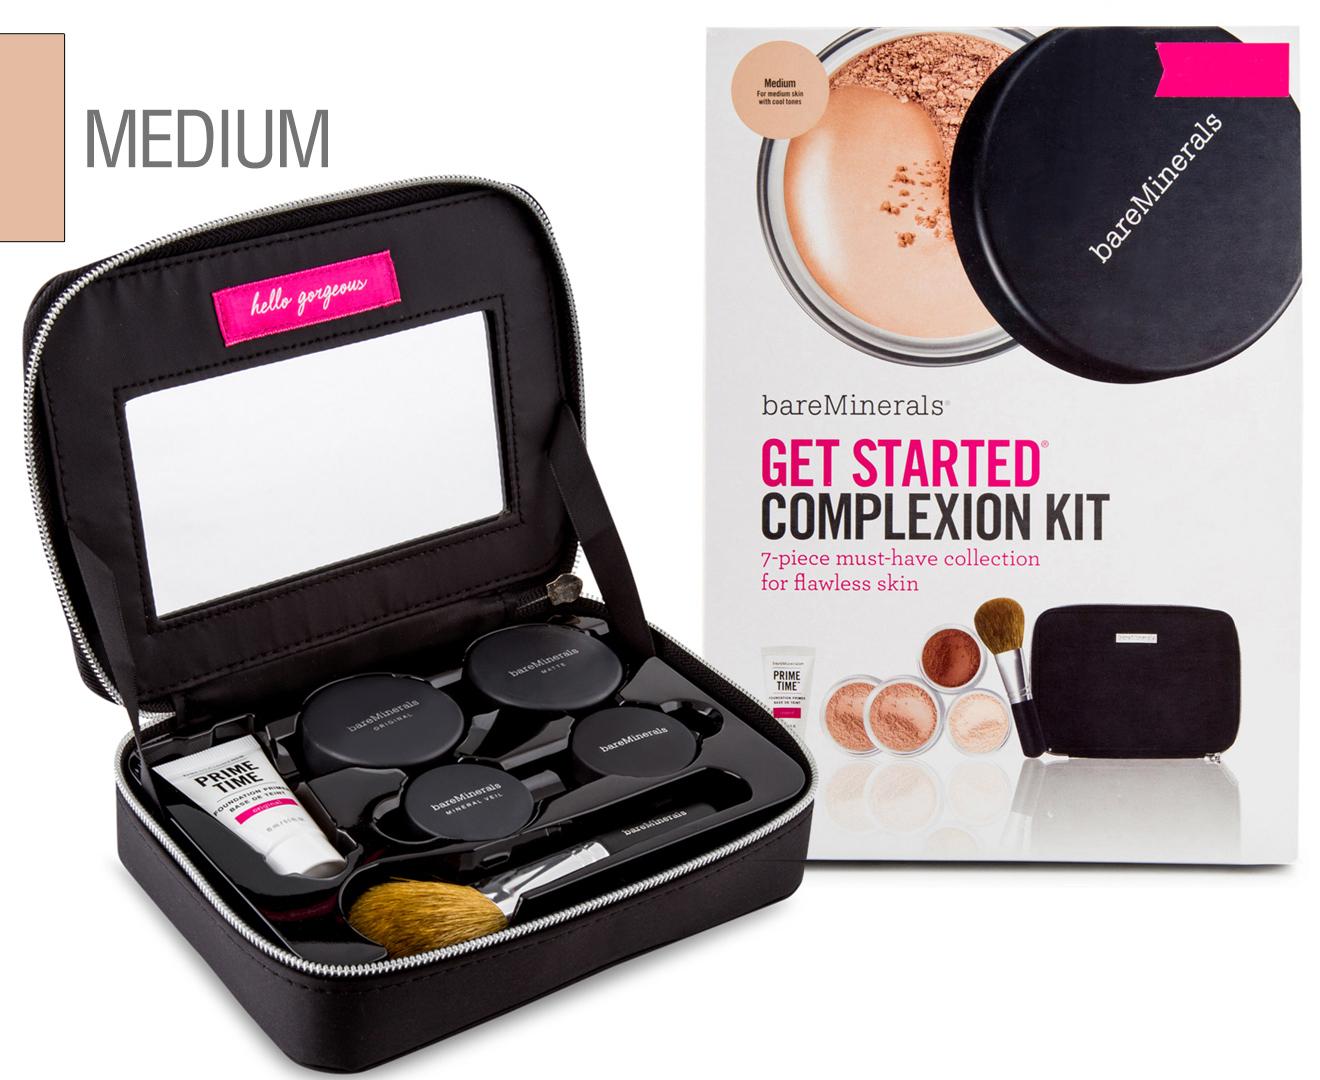 bareMinerals Get Started Complexion Kit - Medium